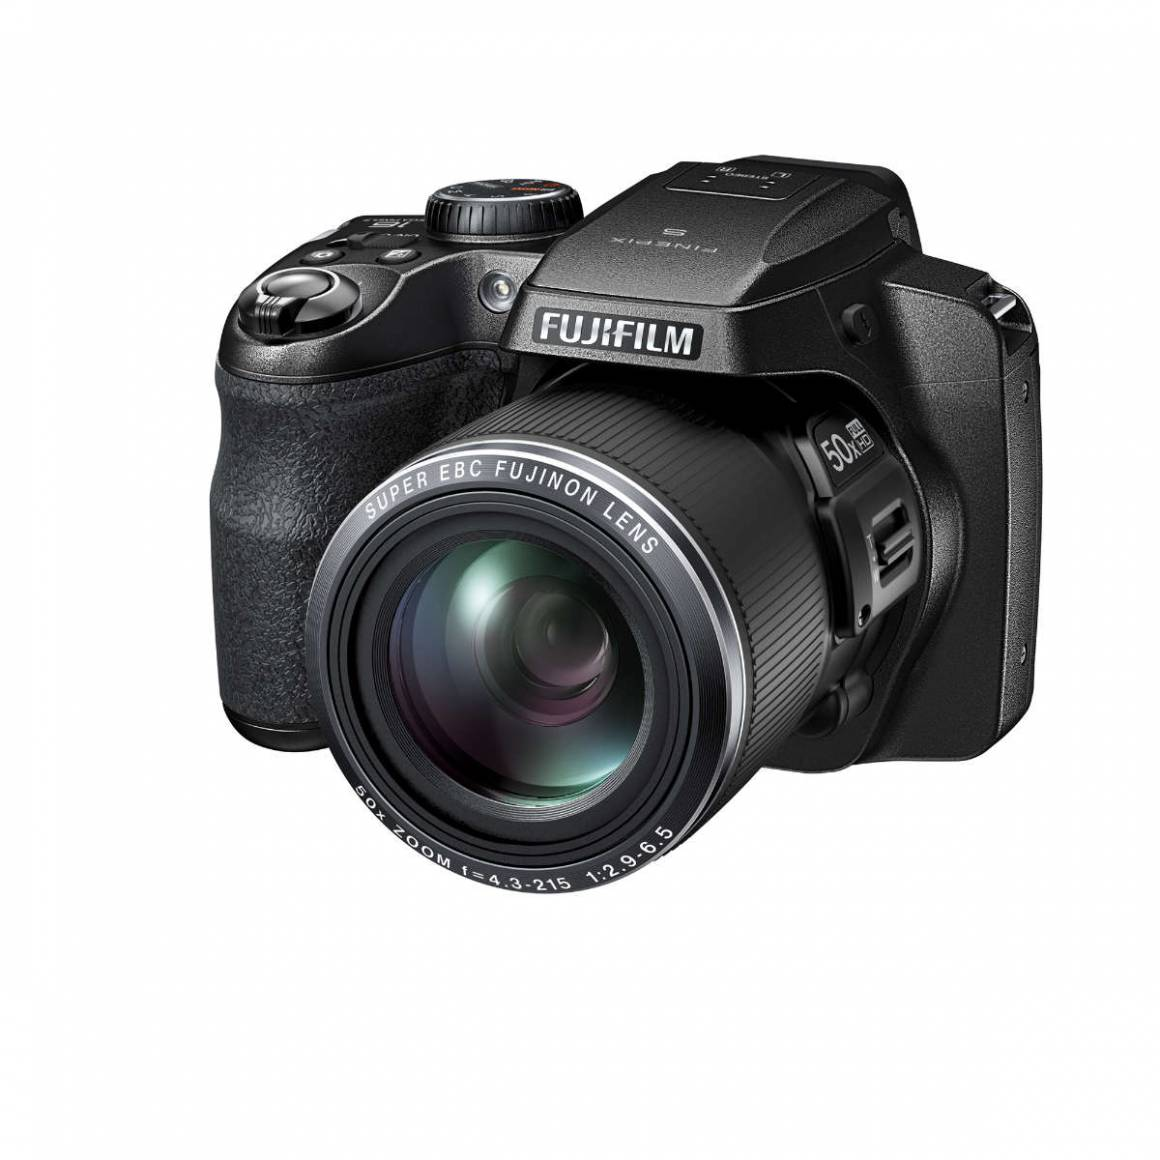 S9800 Black Front Left r60 1160x1160 - Fotocamere: Fujifilm lancia quattro nuovi modelli